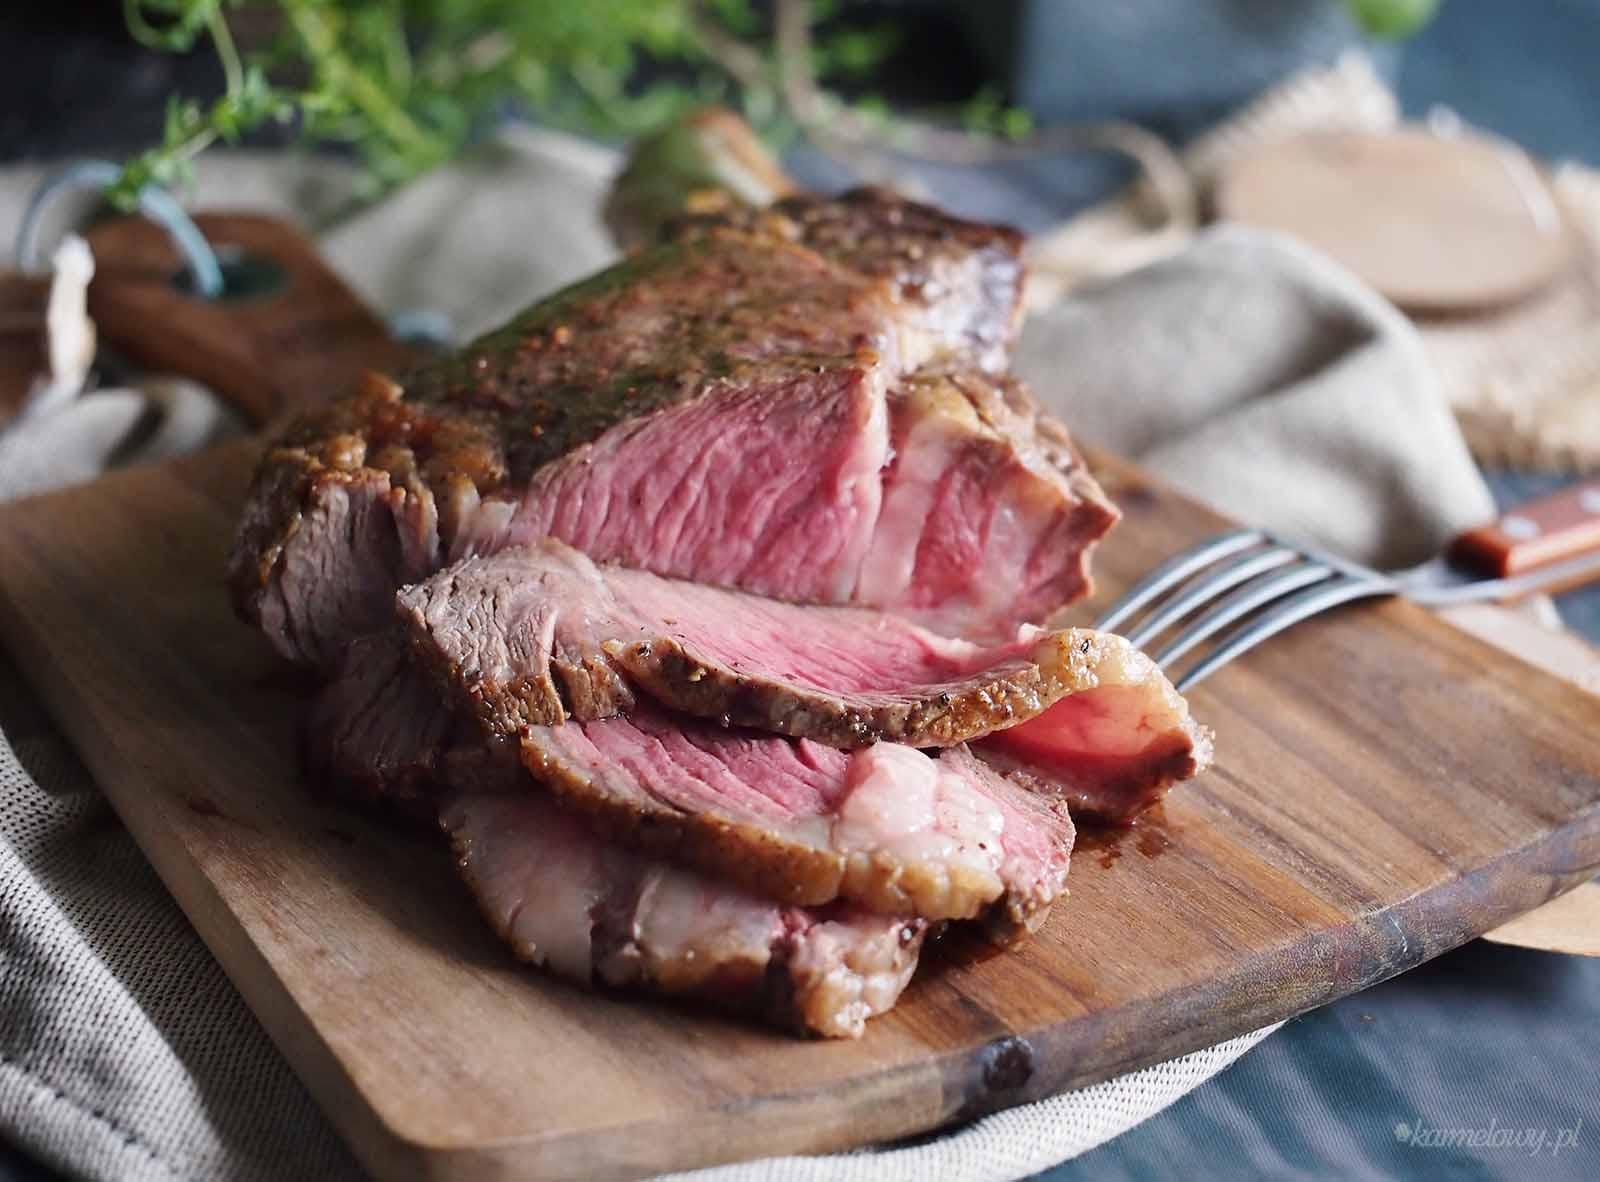 Stek-z-sosem-grzybowym-Steak-with-mushroom-sauce